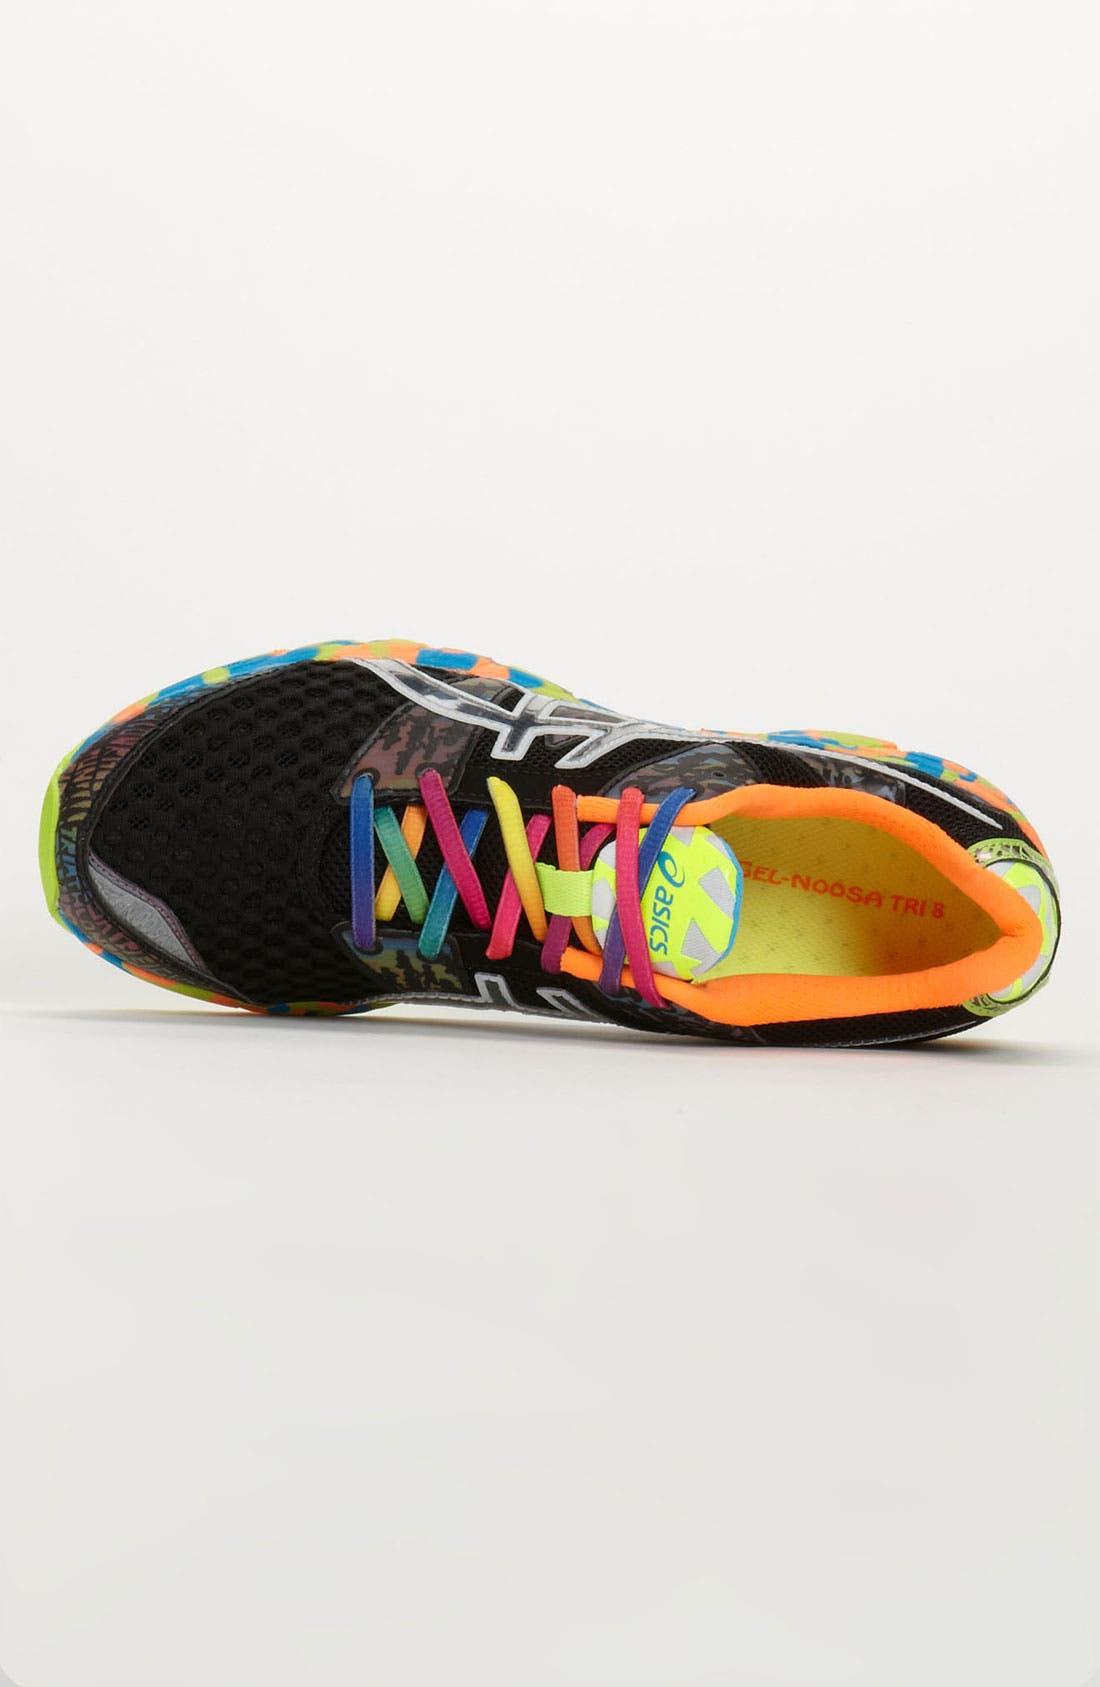 Alternate Image 3  - ASICS® 'GEL®-Noosa Tri 8' Running Shoe (Men)